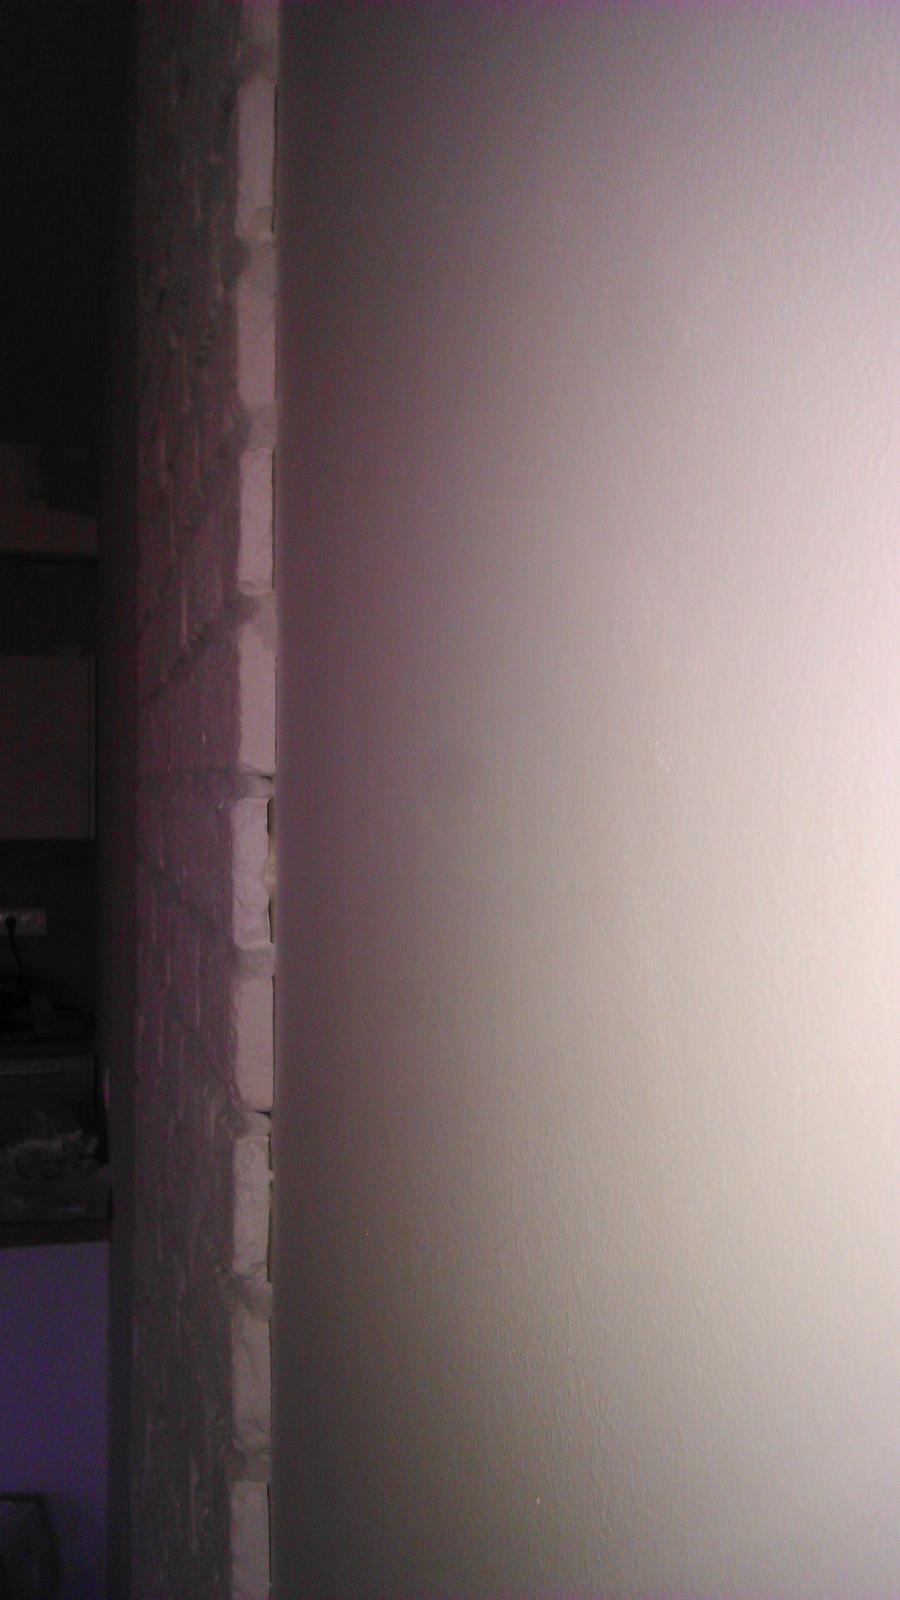 Ahoj, mam oblozene steny... - Obrázok č. 1